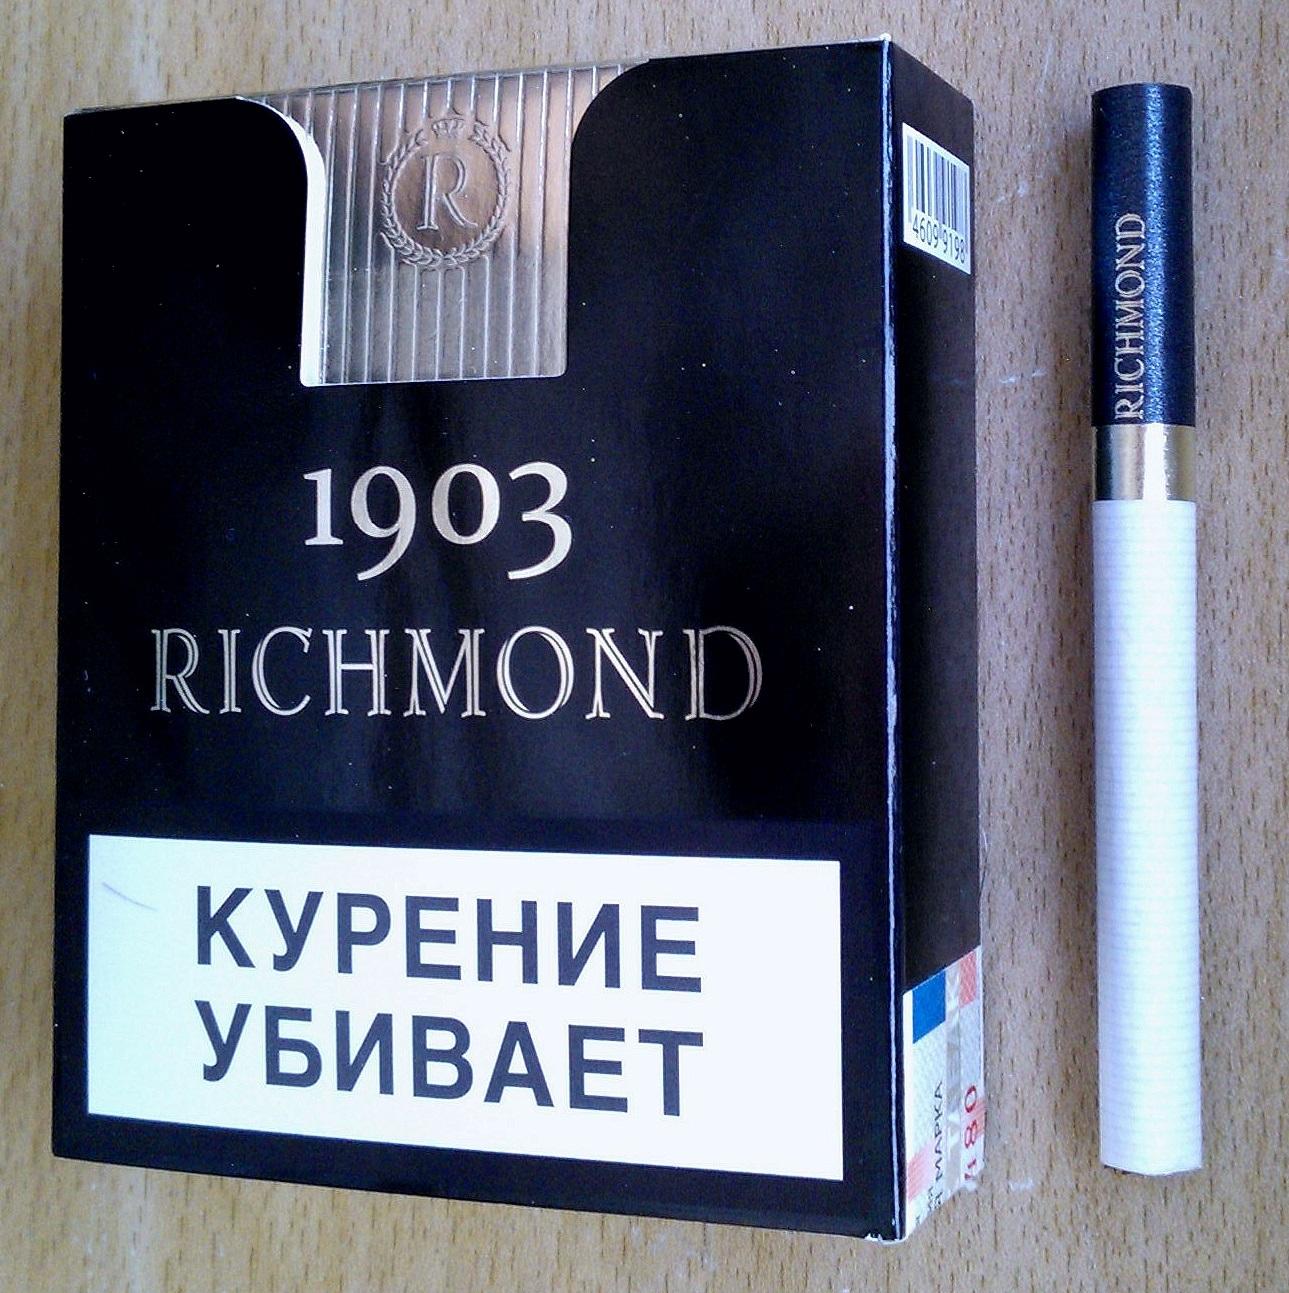 Редмонд сигареты купить купить сигареты партагас лигерос